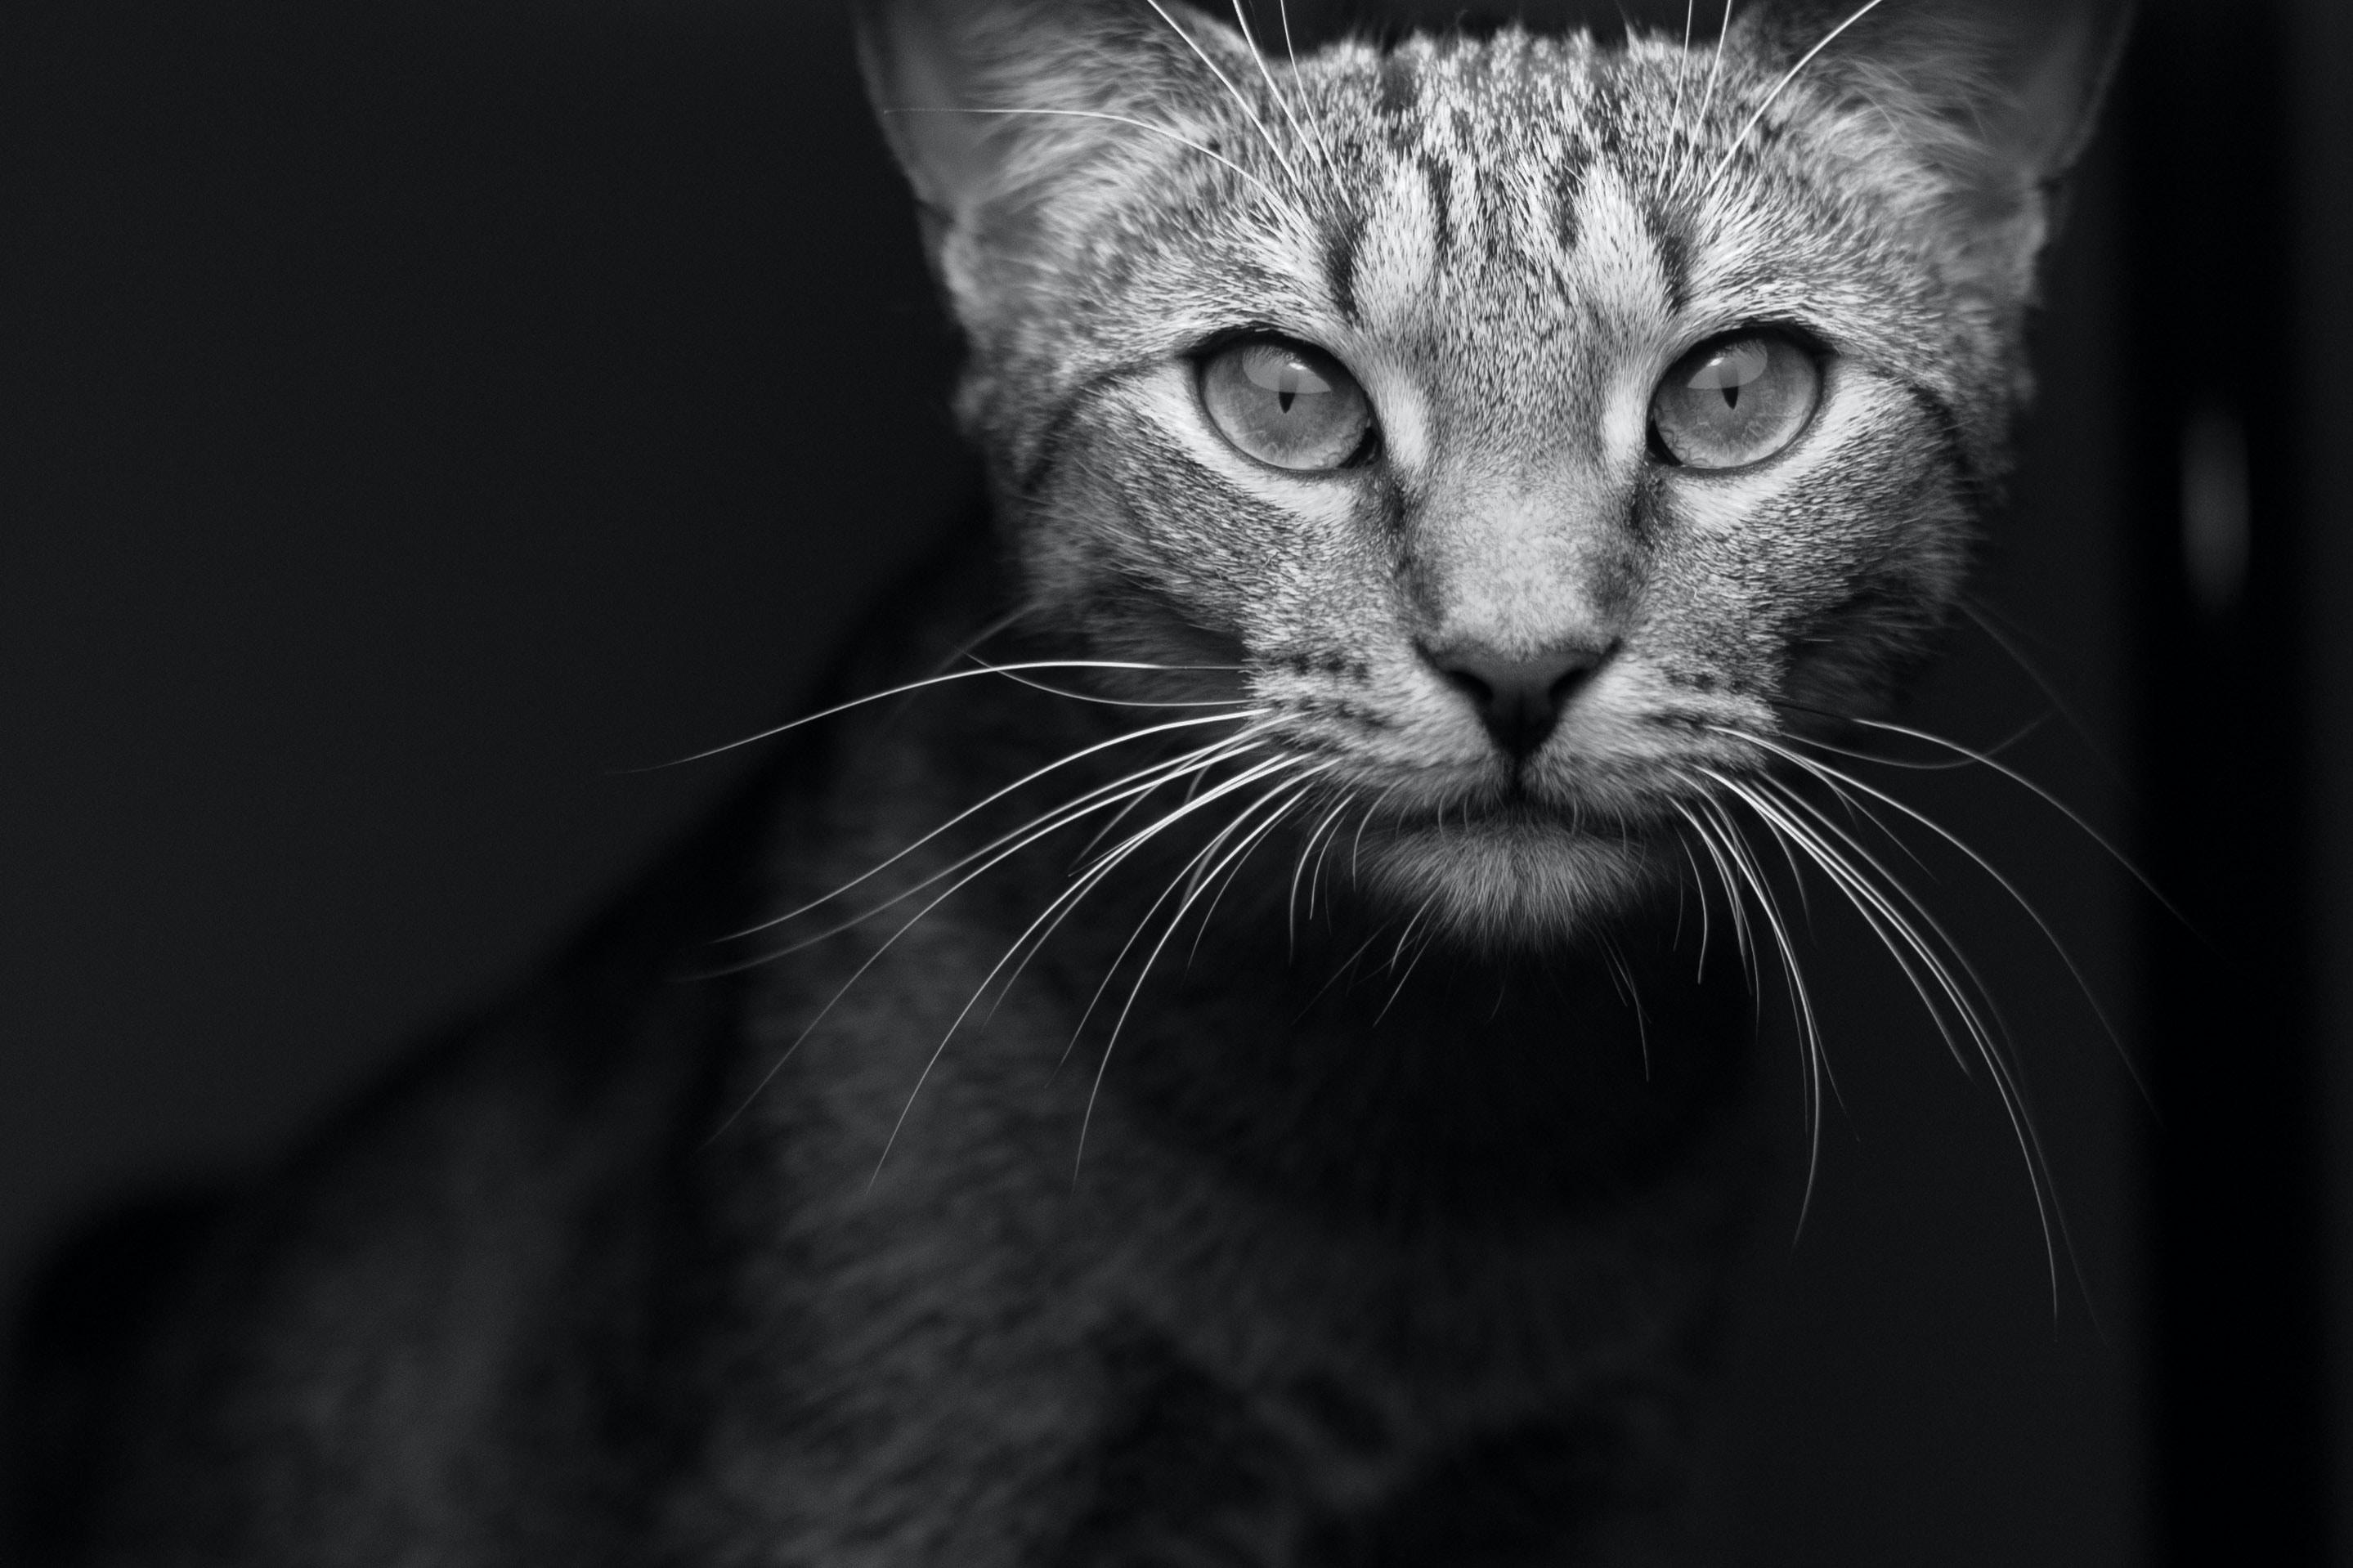 Nala the cat daughter stories